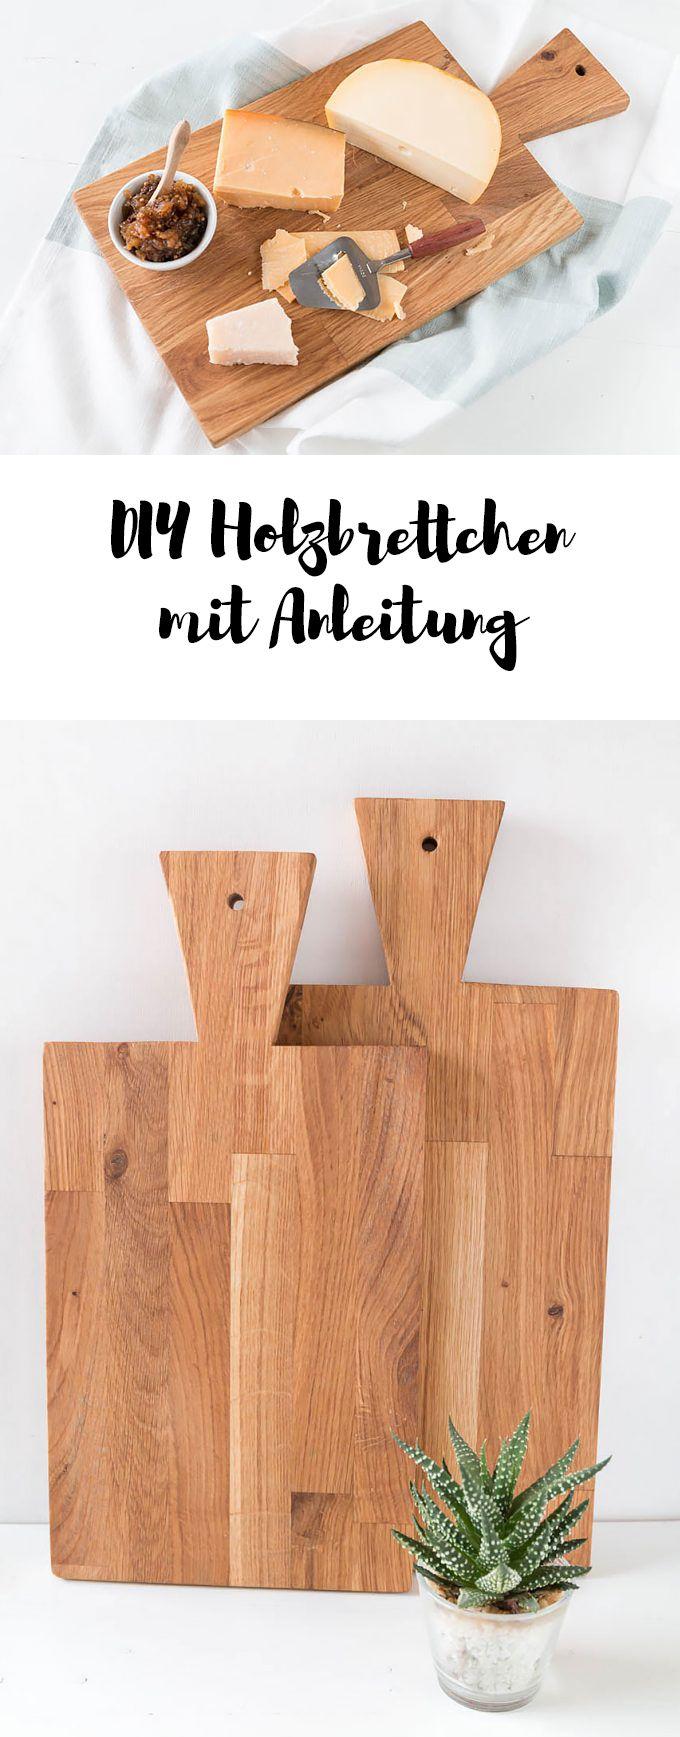 DIY Schneidebrettchen aus Holz - ein selbstgemachtes Holzbrettchen als DIY Geschenk